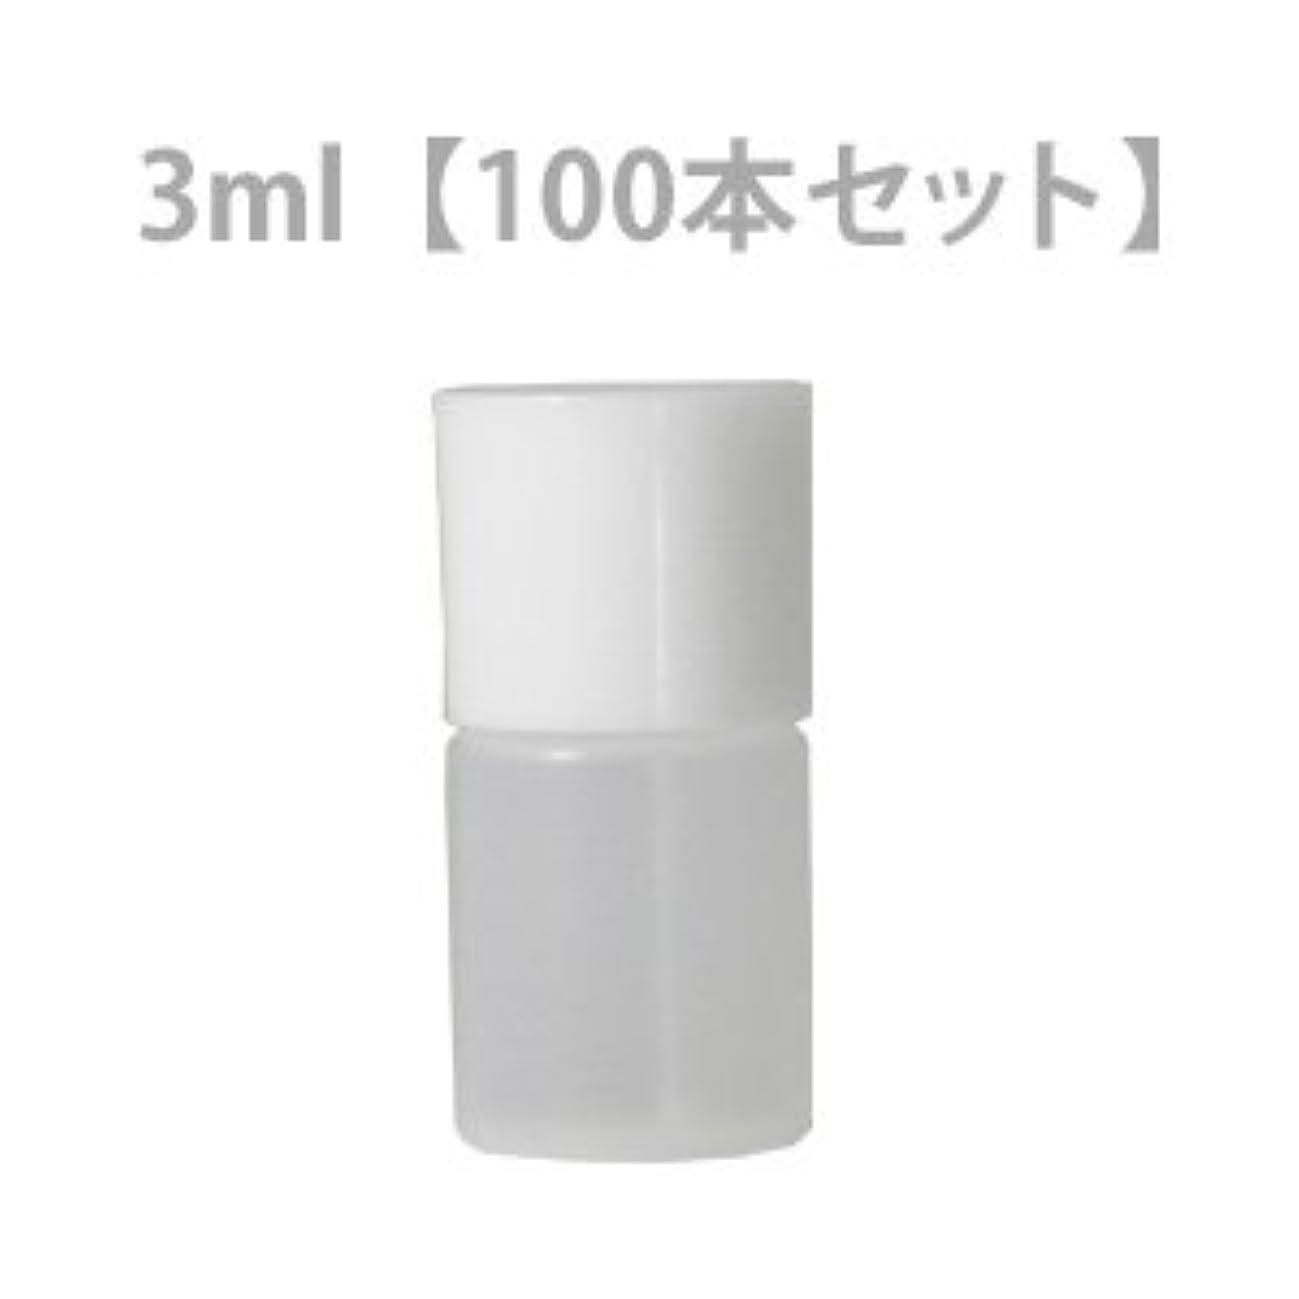 レスリング驚いた訪問穴あき中栓付きミニボトル 化粧品容器 3ml 100本セット